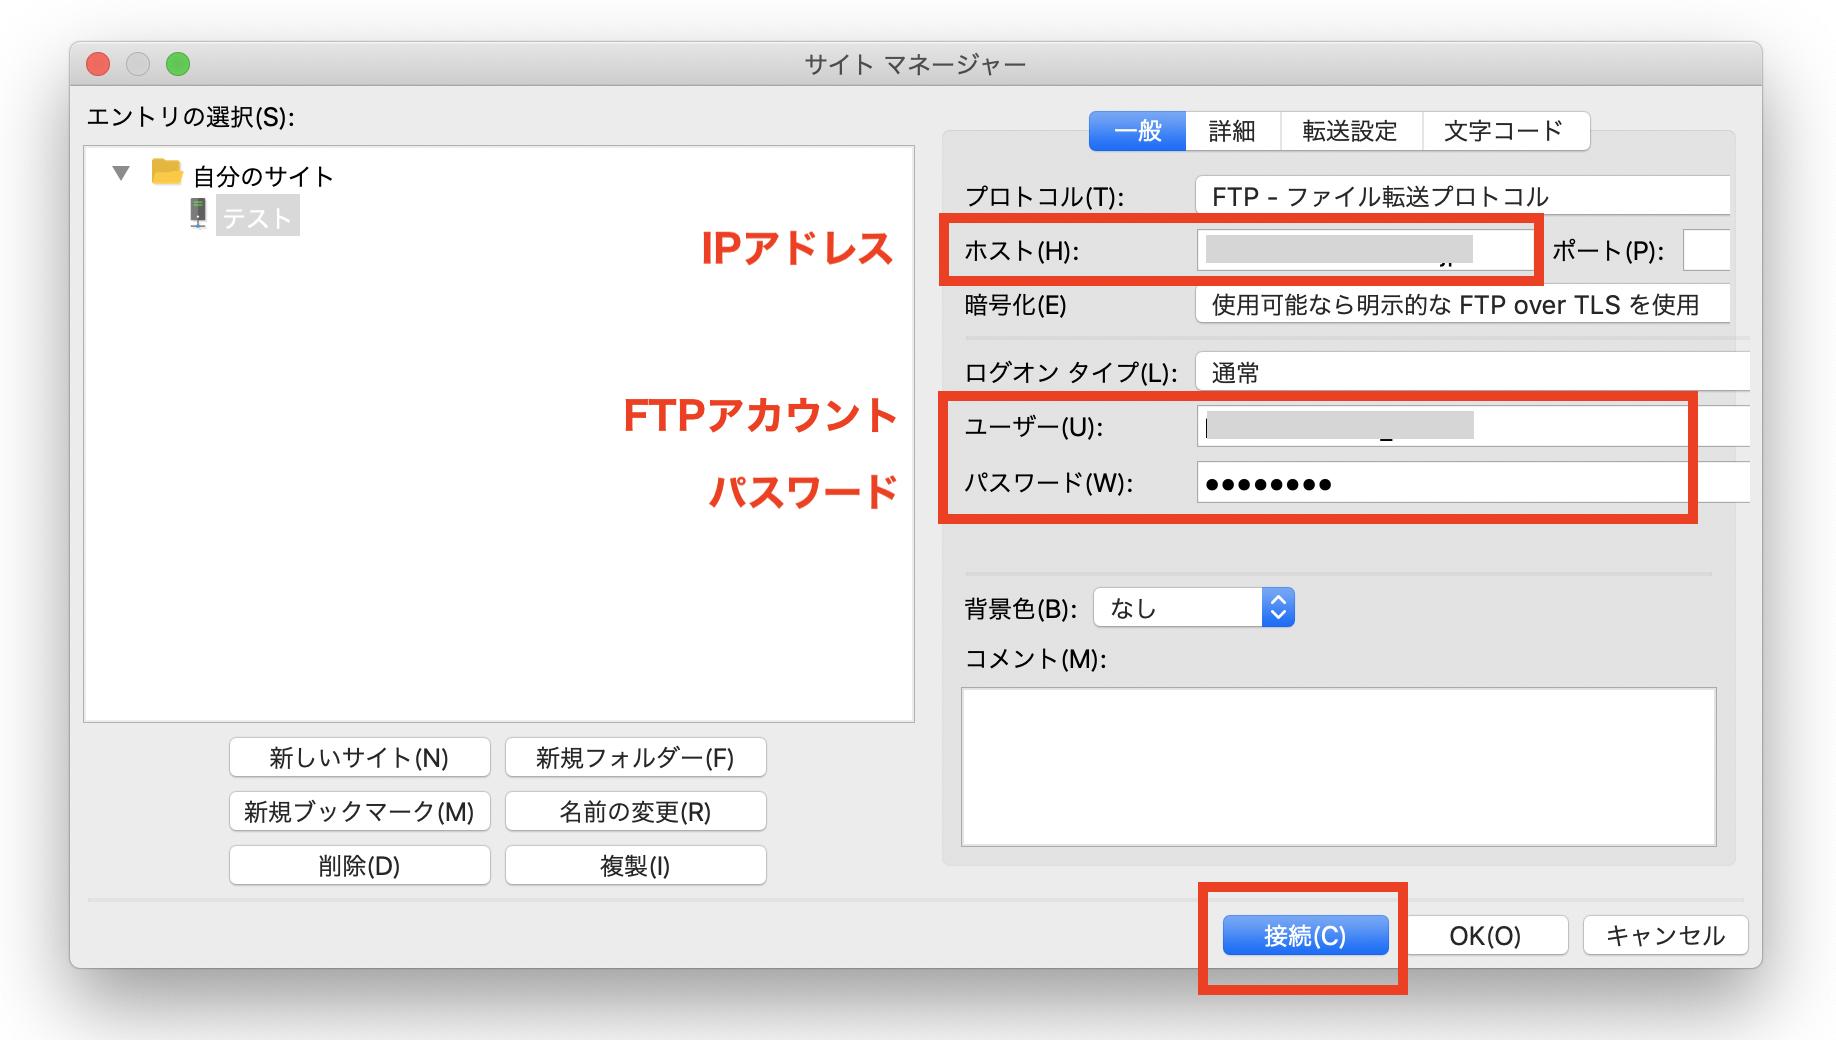 FileZiilaでサイトマネージャーの設定